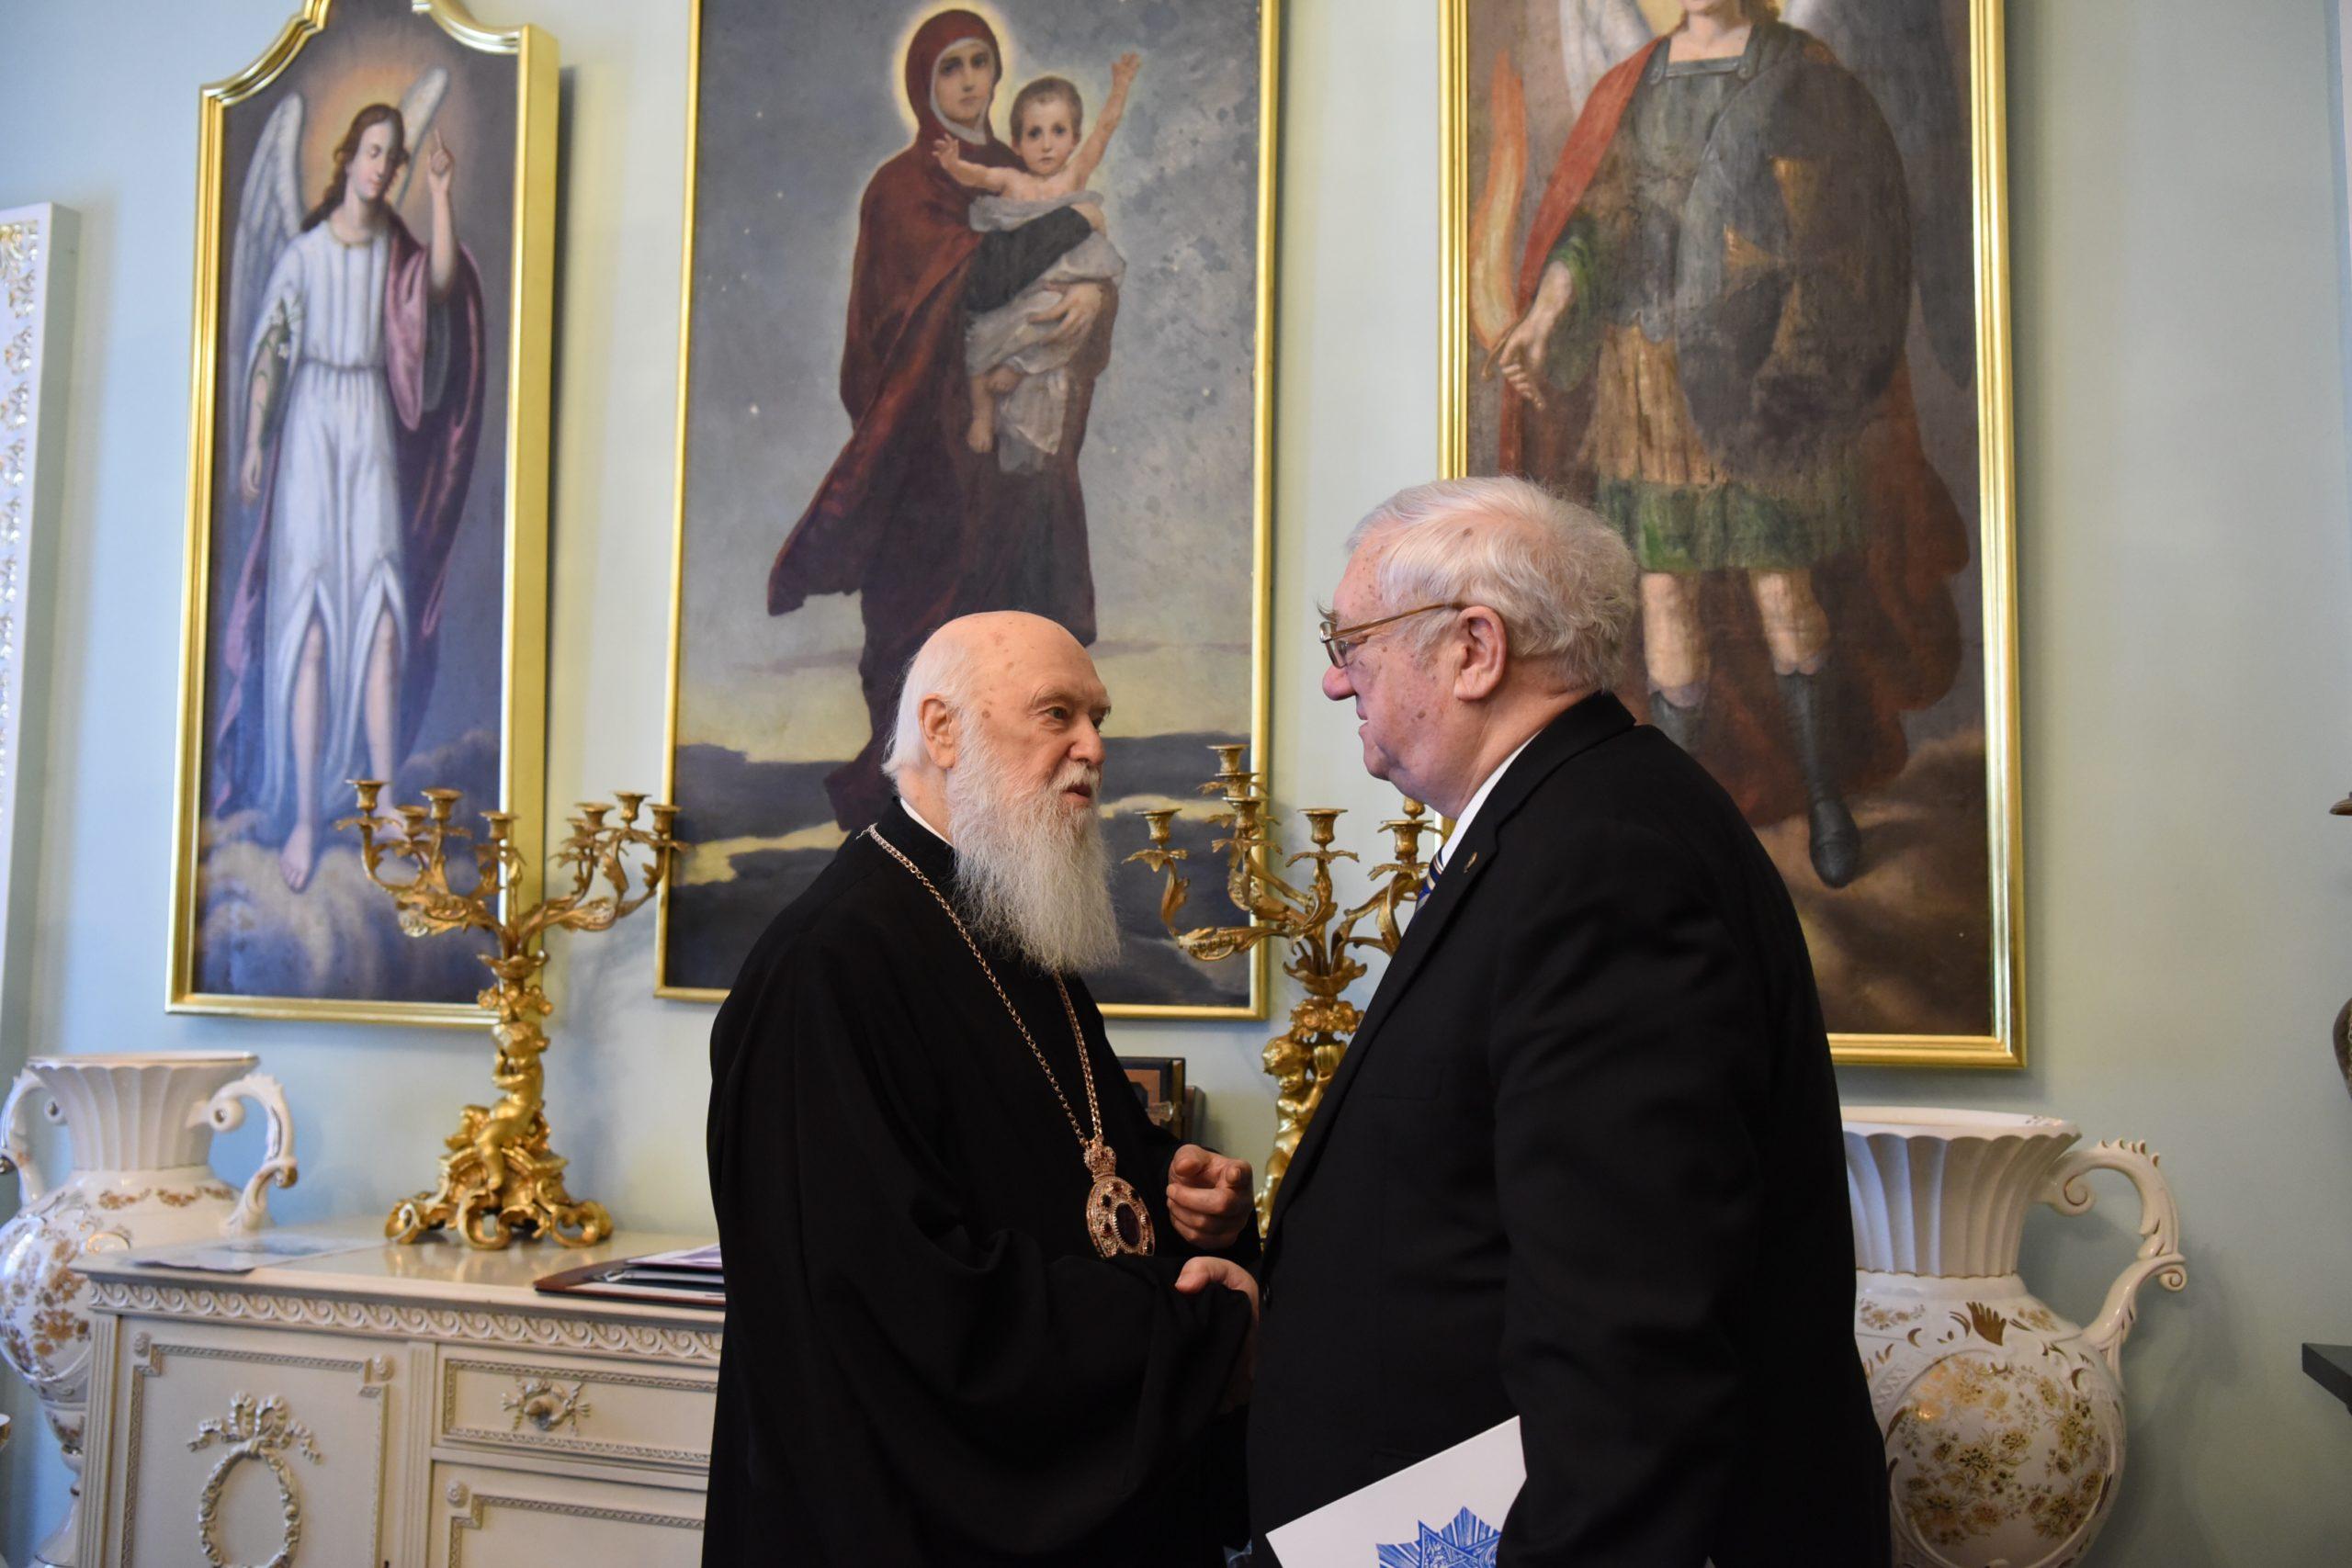 Патріарх Філарет привітав письменника і дипломата Юрія Щербака з 85-річчям з дня народження